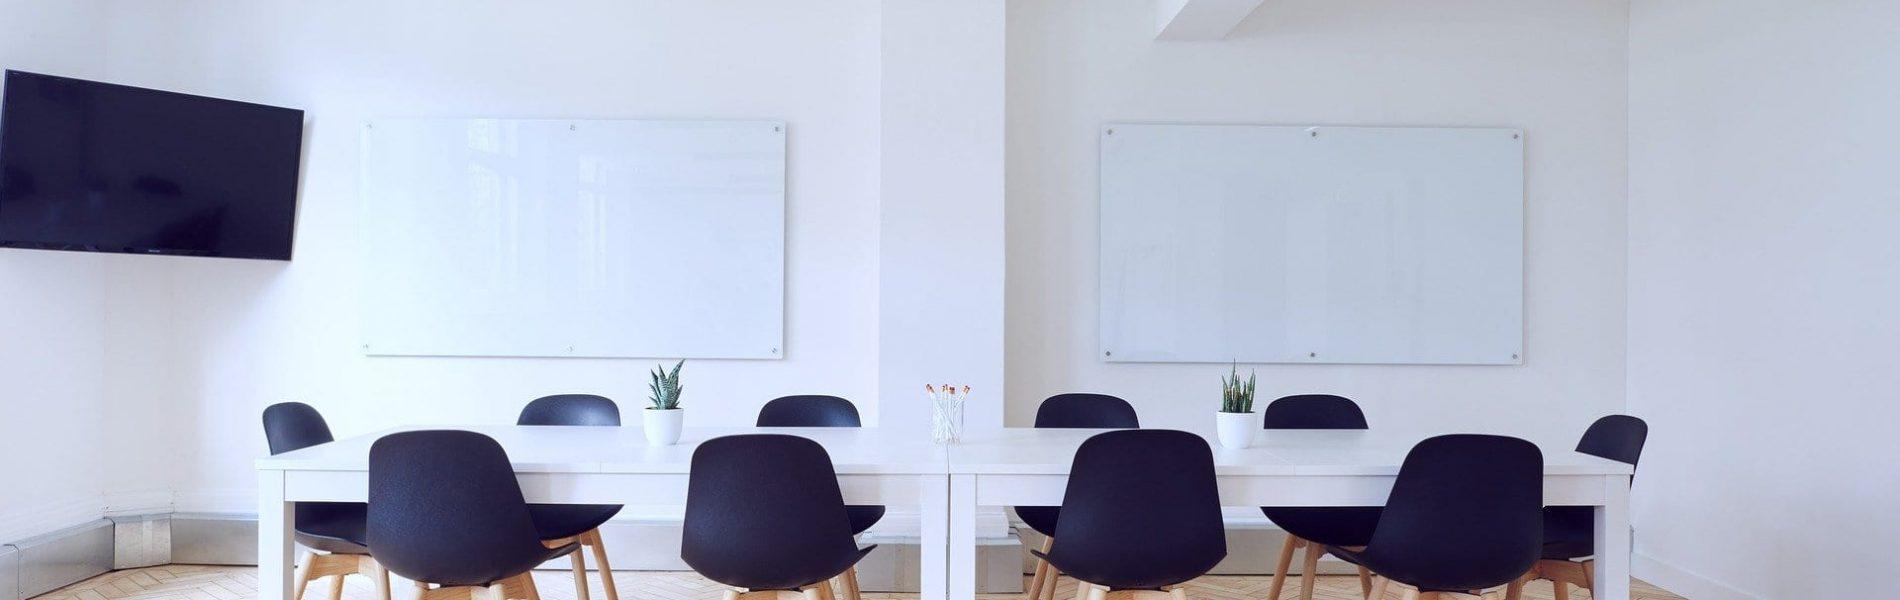 Konferenzraum und Tagungen Bestuhlung